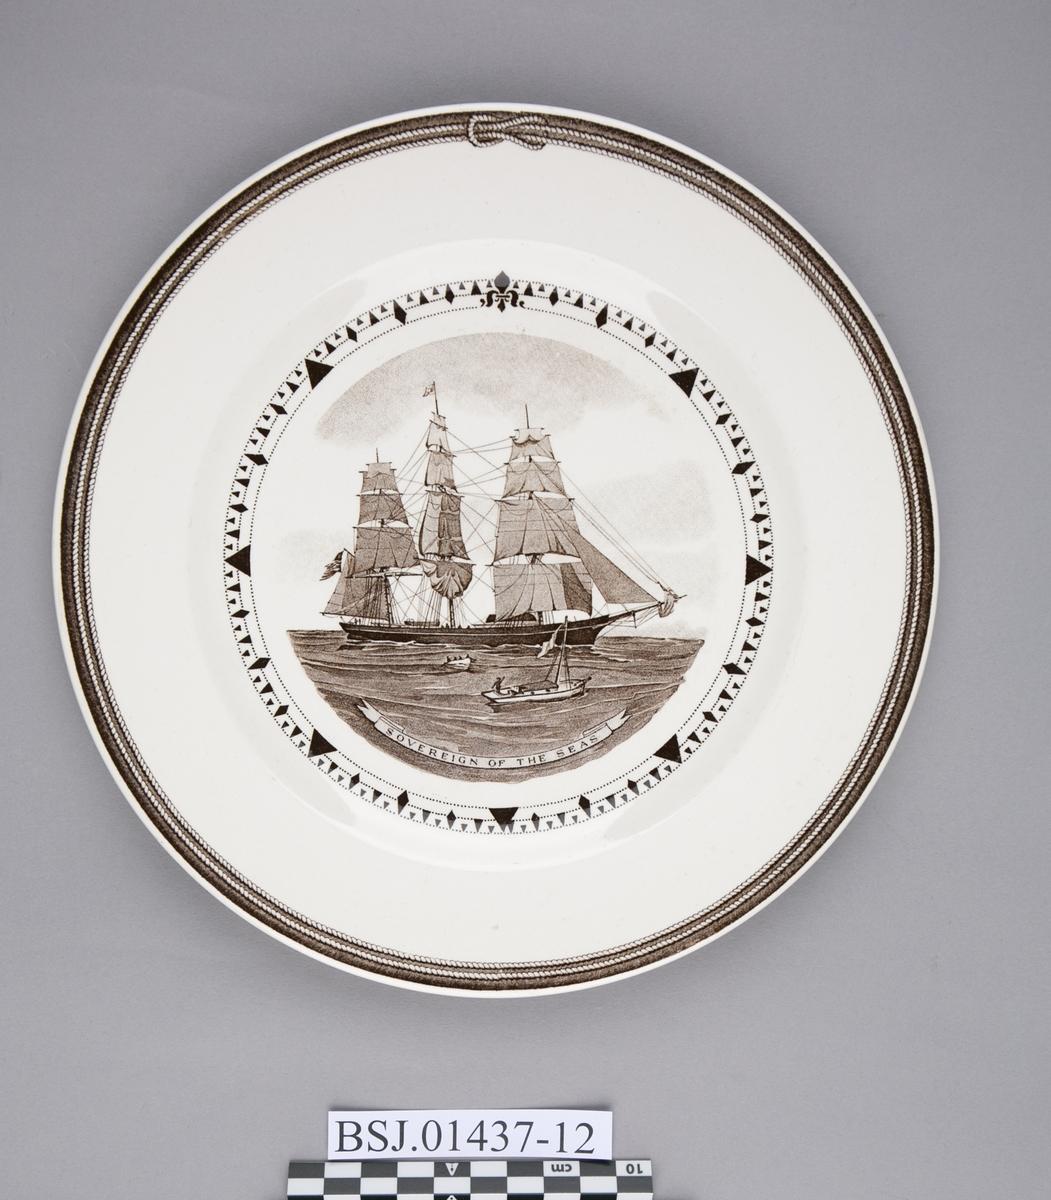 Tallerken med motiv av SOVEREIGN OF THE SEAS, amerikansk klipper skip